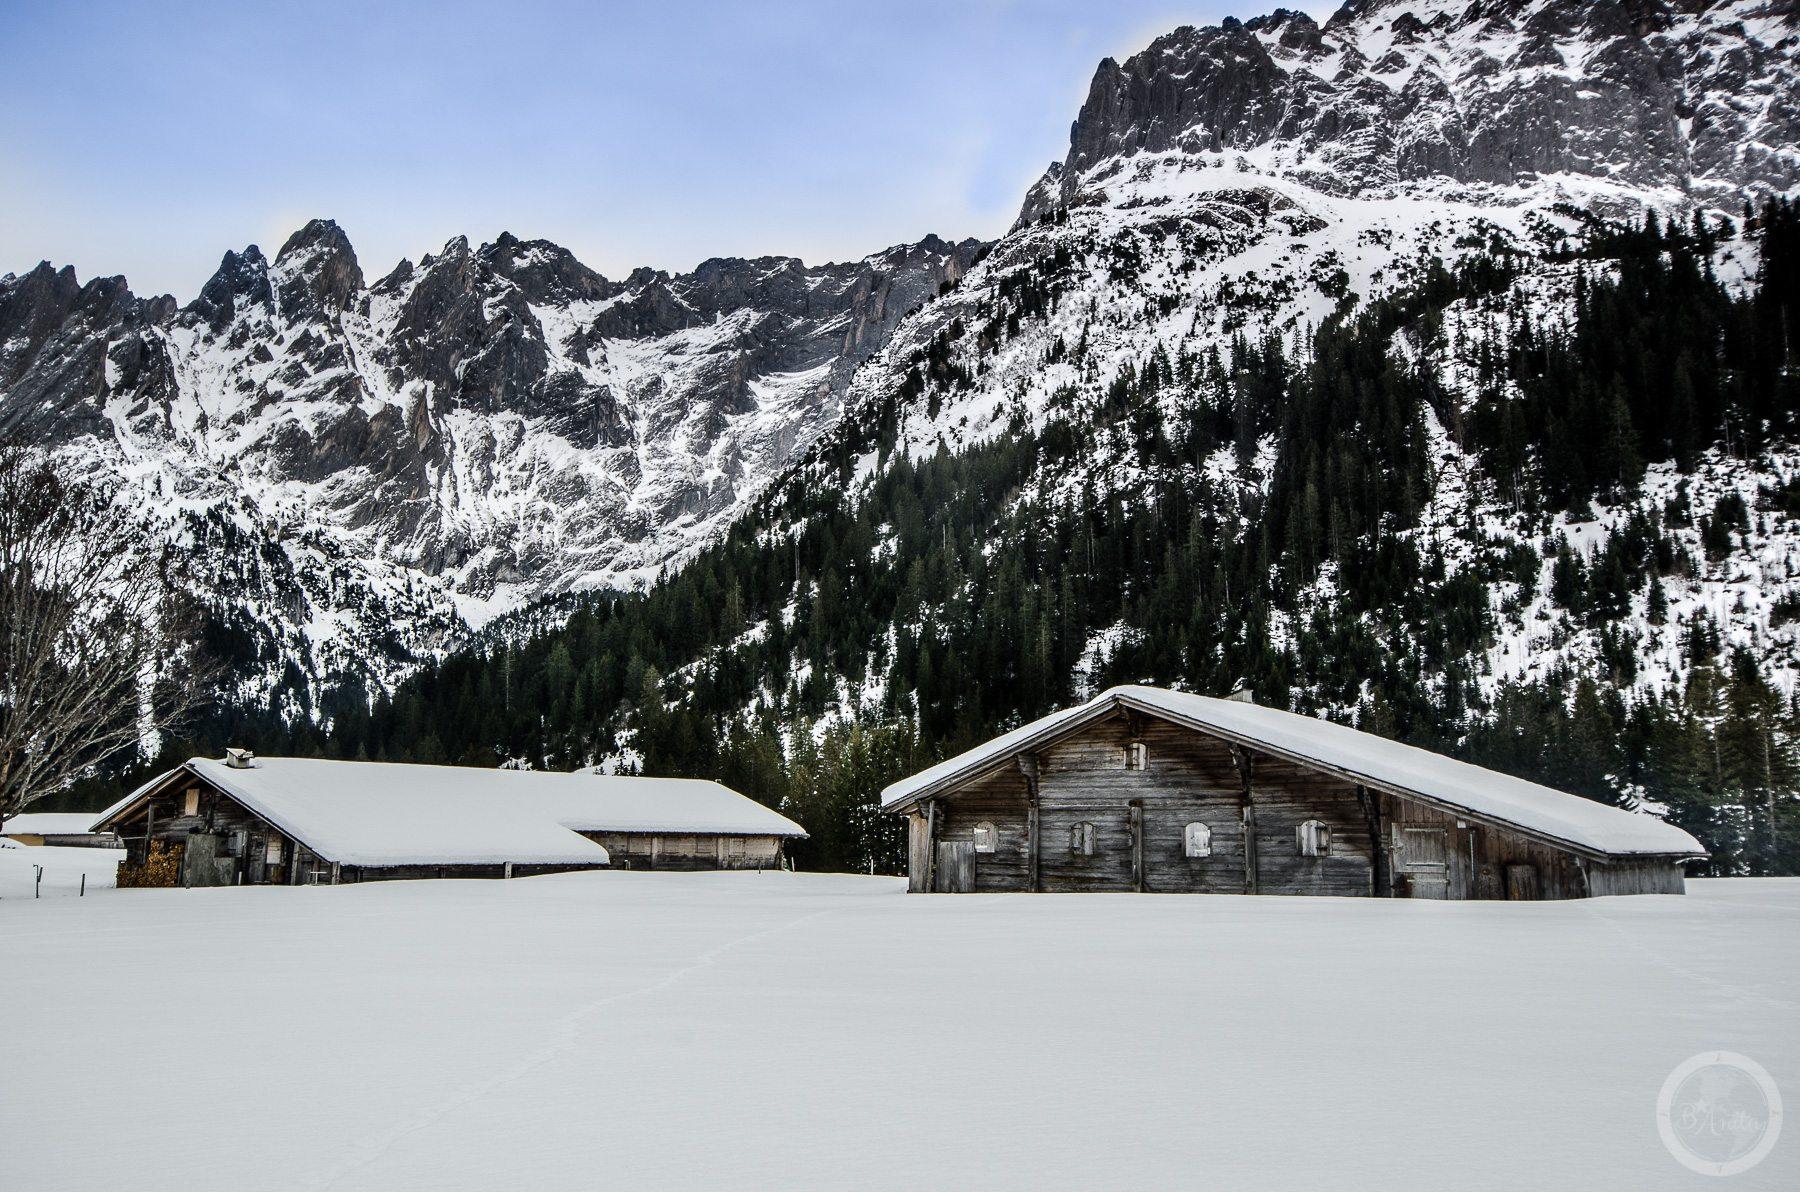 Drewniane ośnieżone chaty u podnóża skalistych gór. Schwarzwaldalp, Szwajcaria